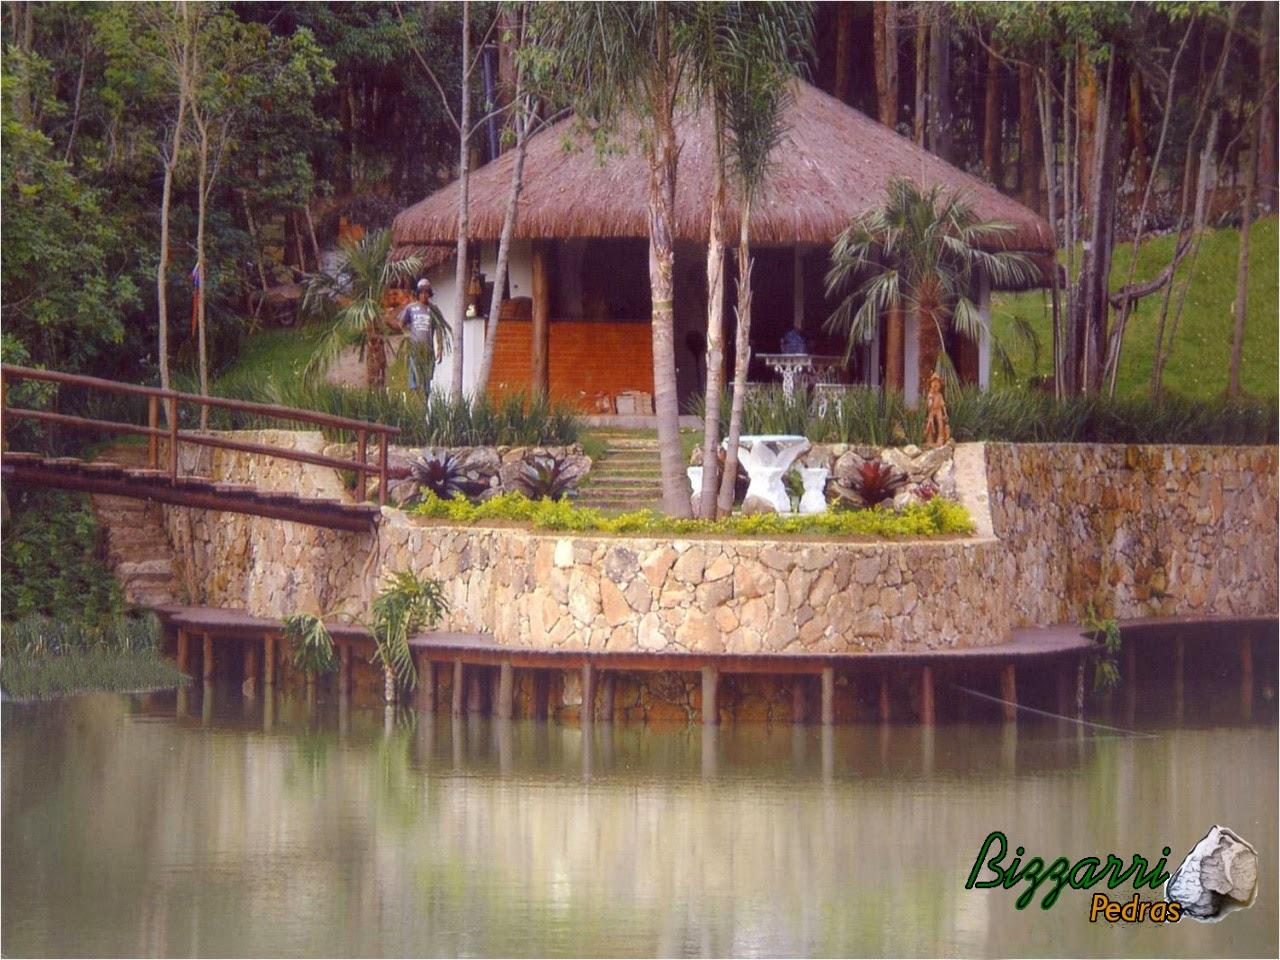 Detalhe na construção do lago o muro de pedra e o quiosque de piaçava com a construção da churrasqueira, a ponte de madeira e o deck de madeira para poder sentar e pescar.